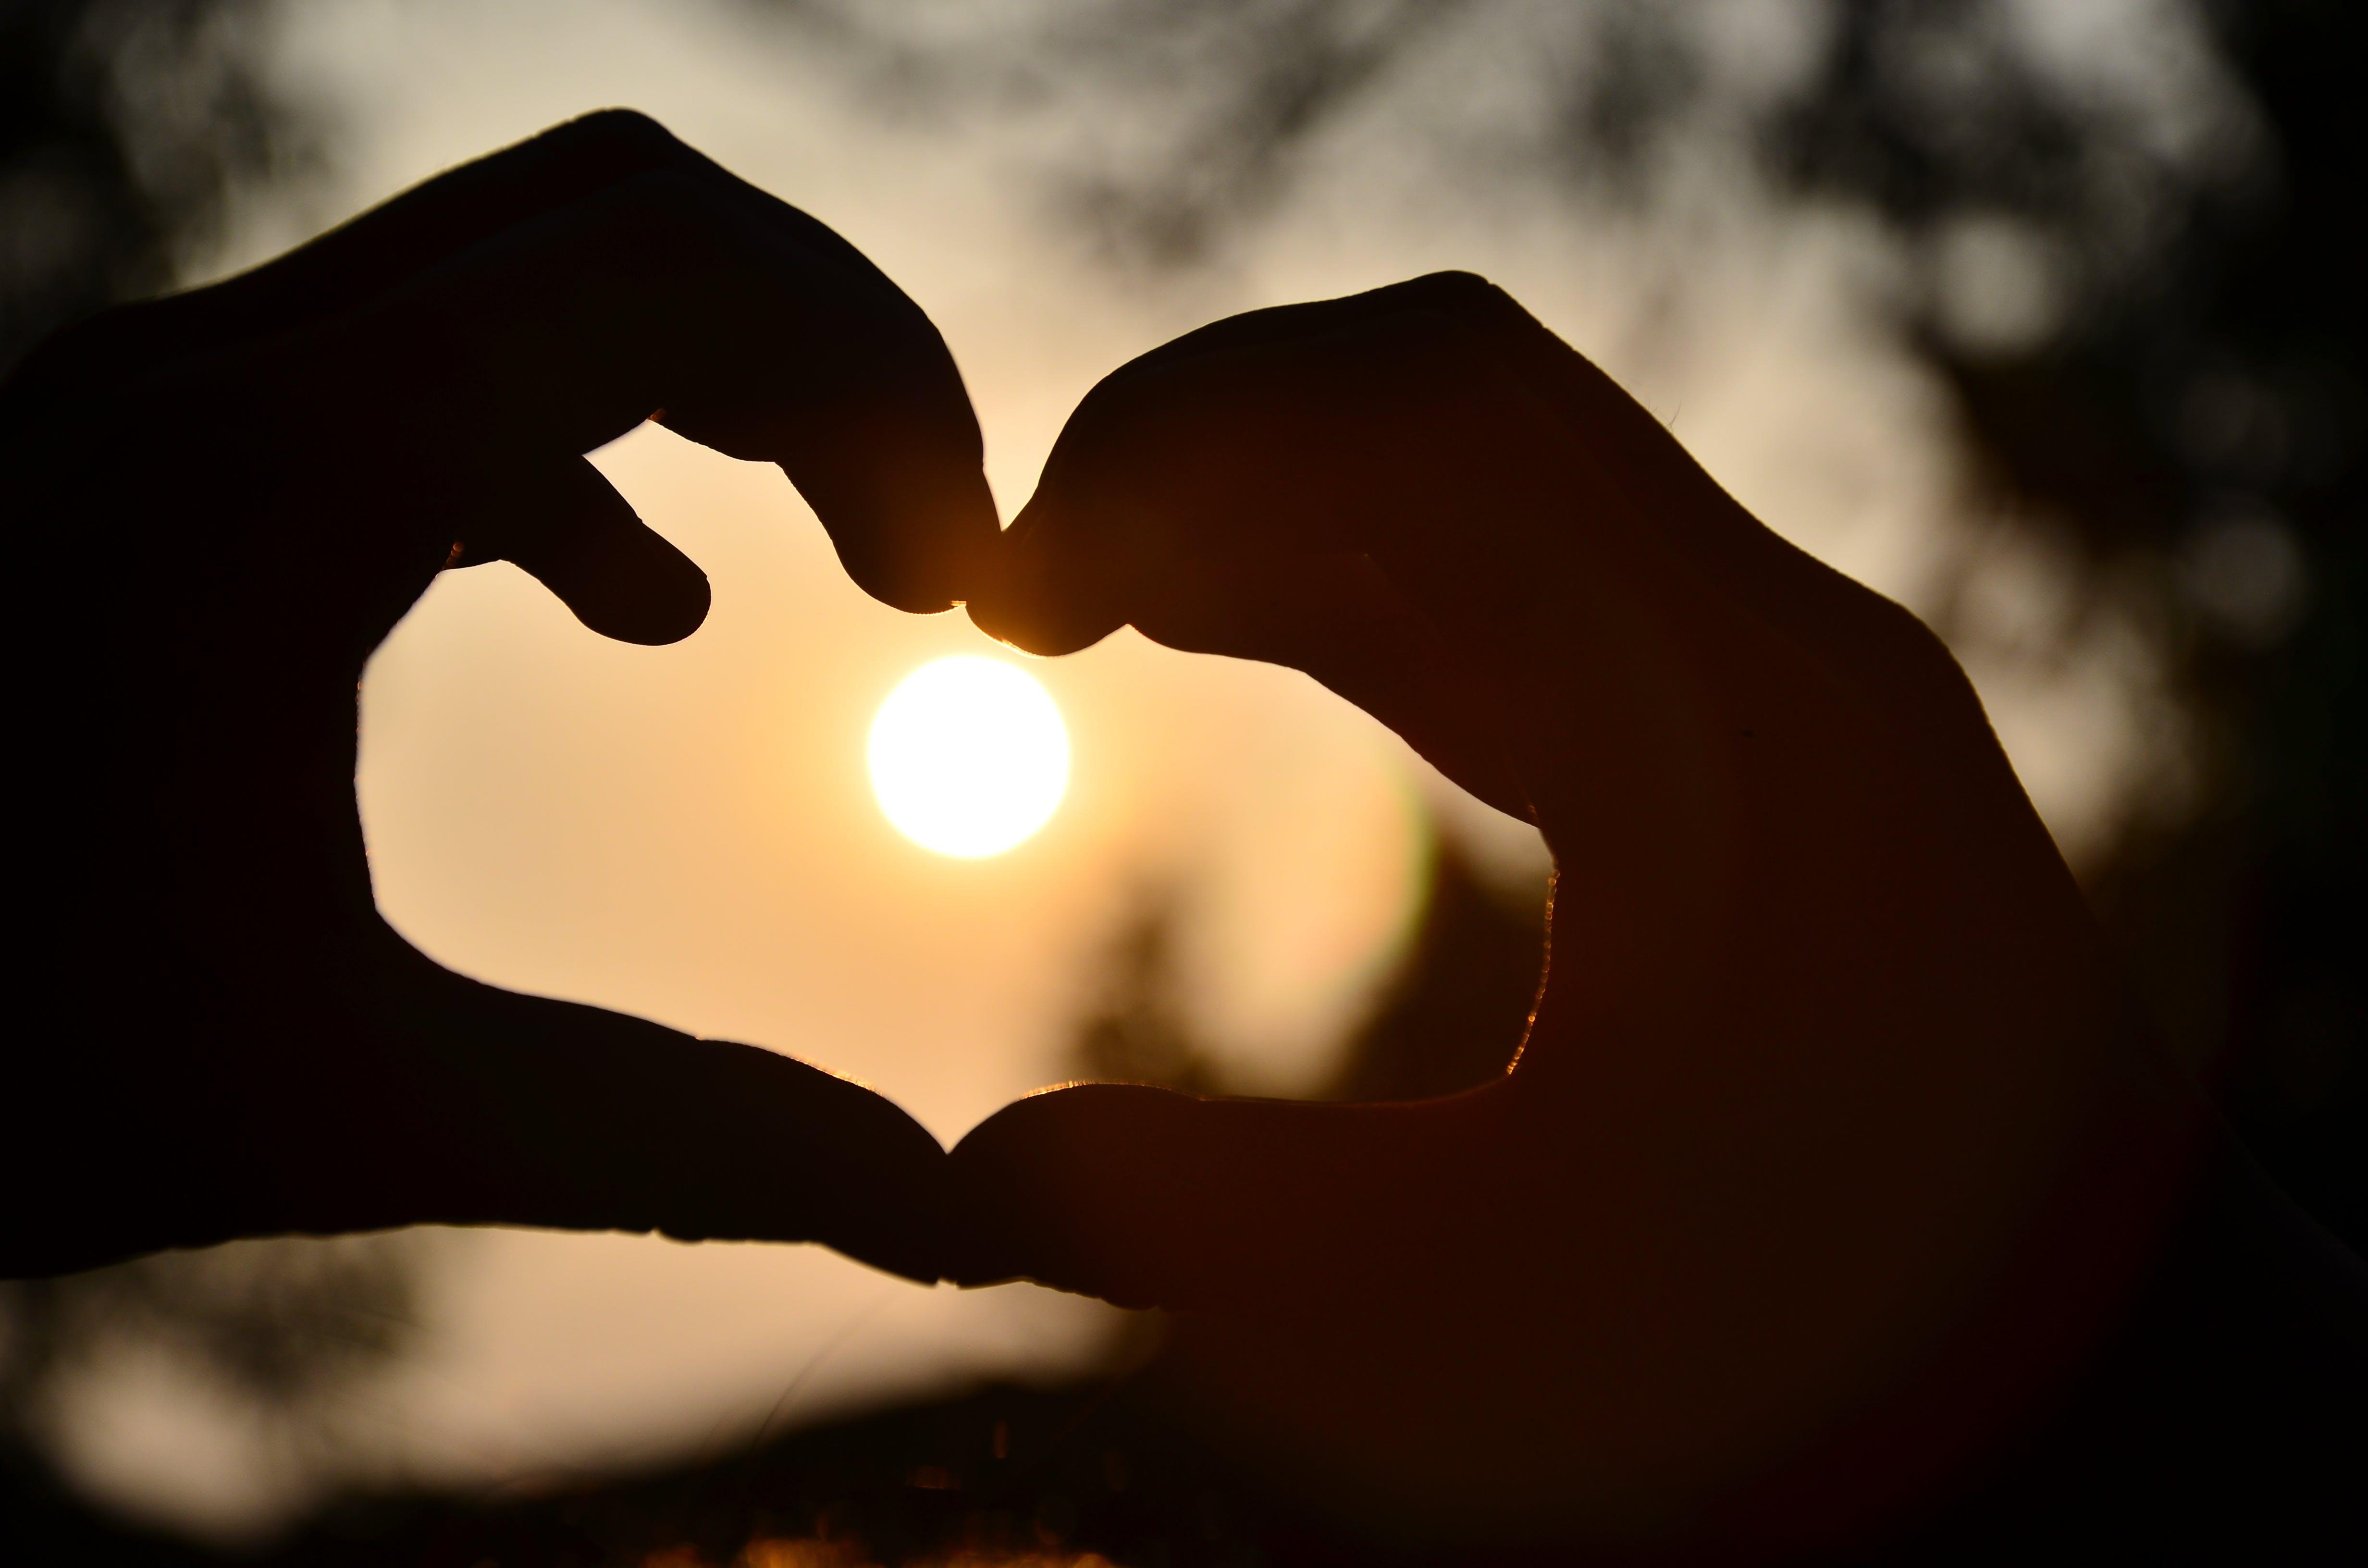 太陽, 心臓, 手の無料の写真素材